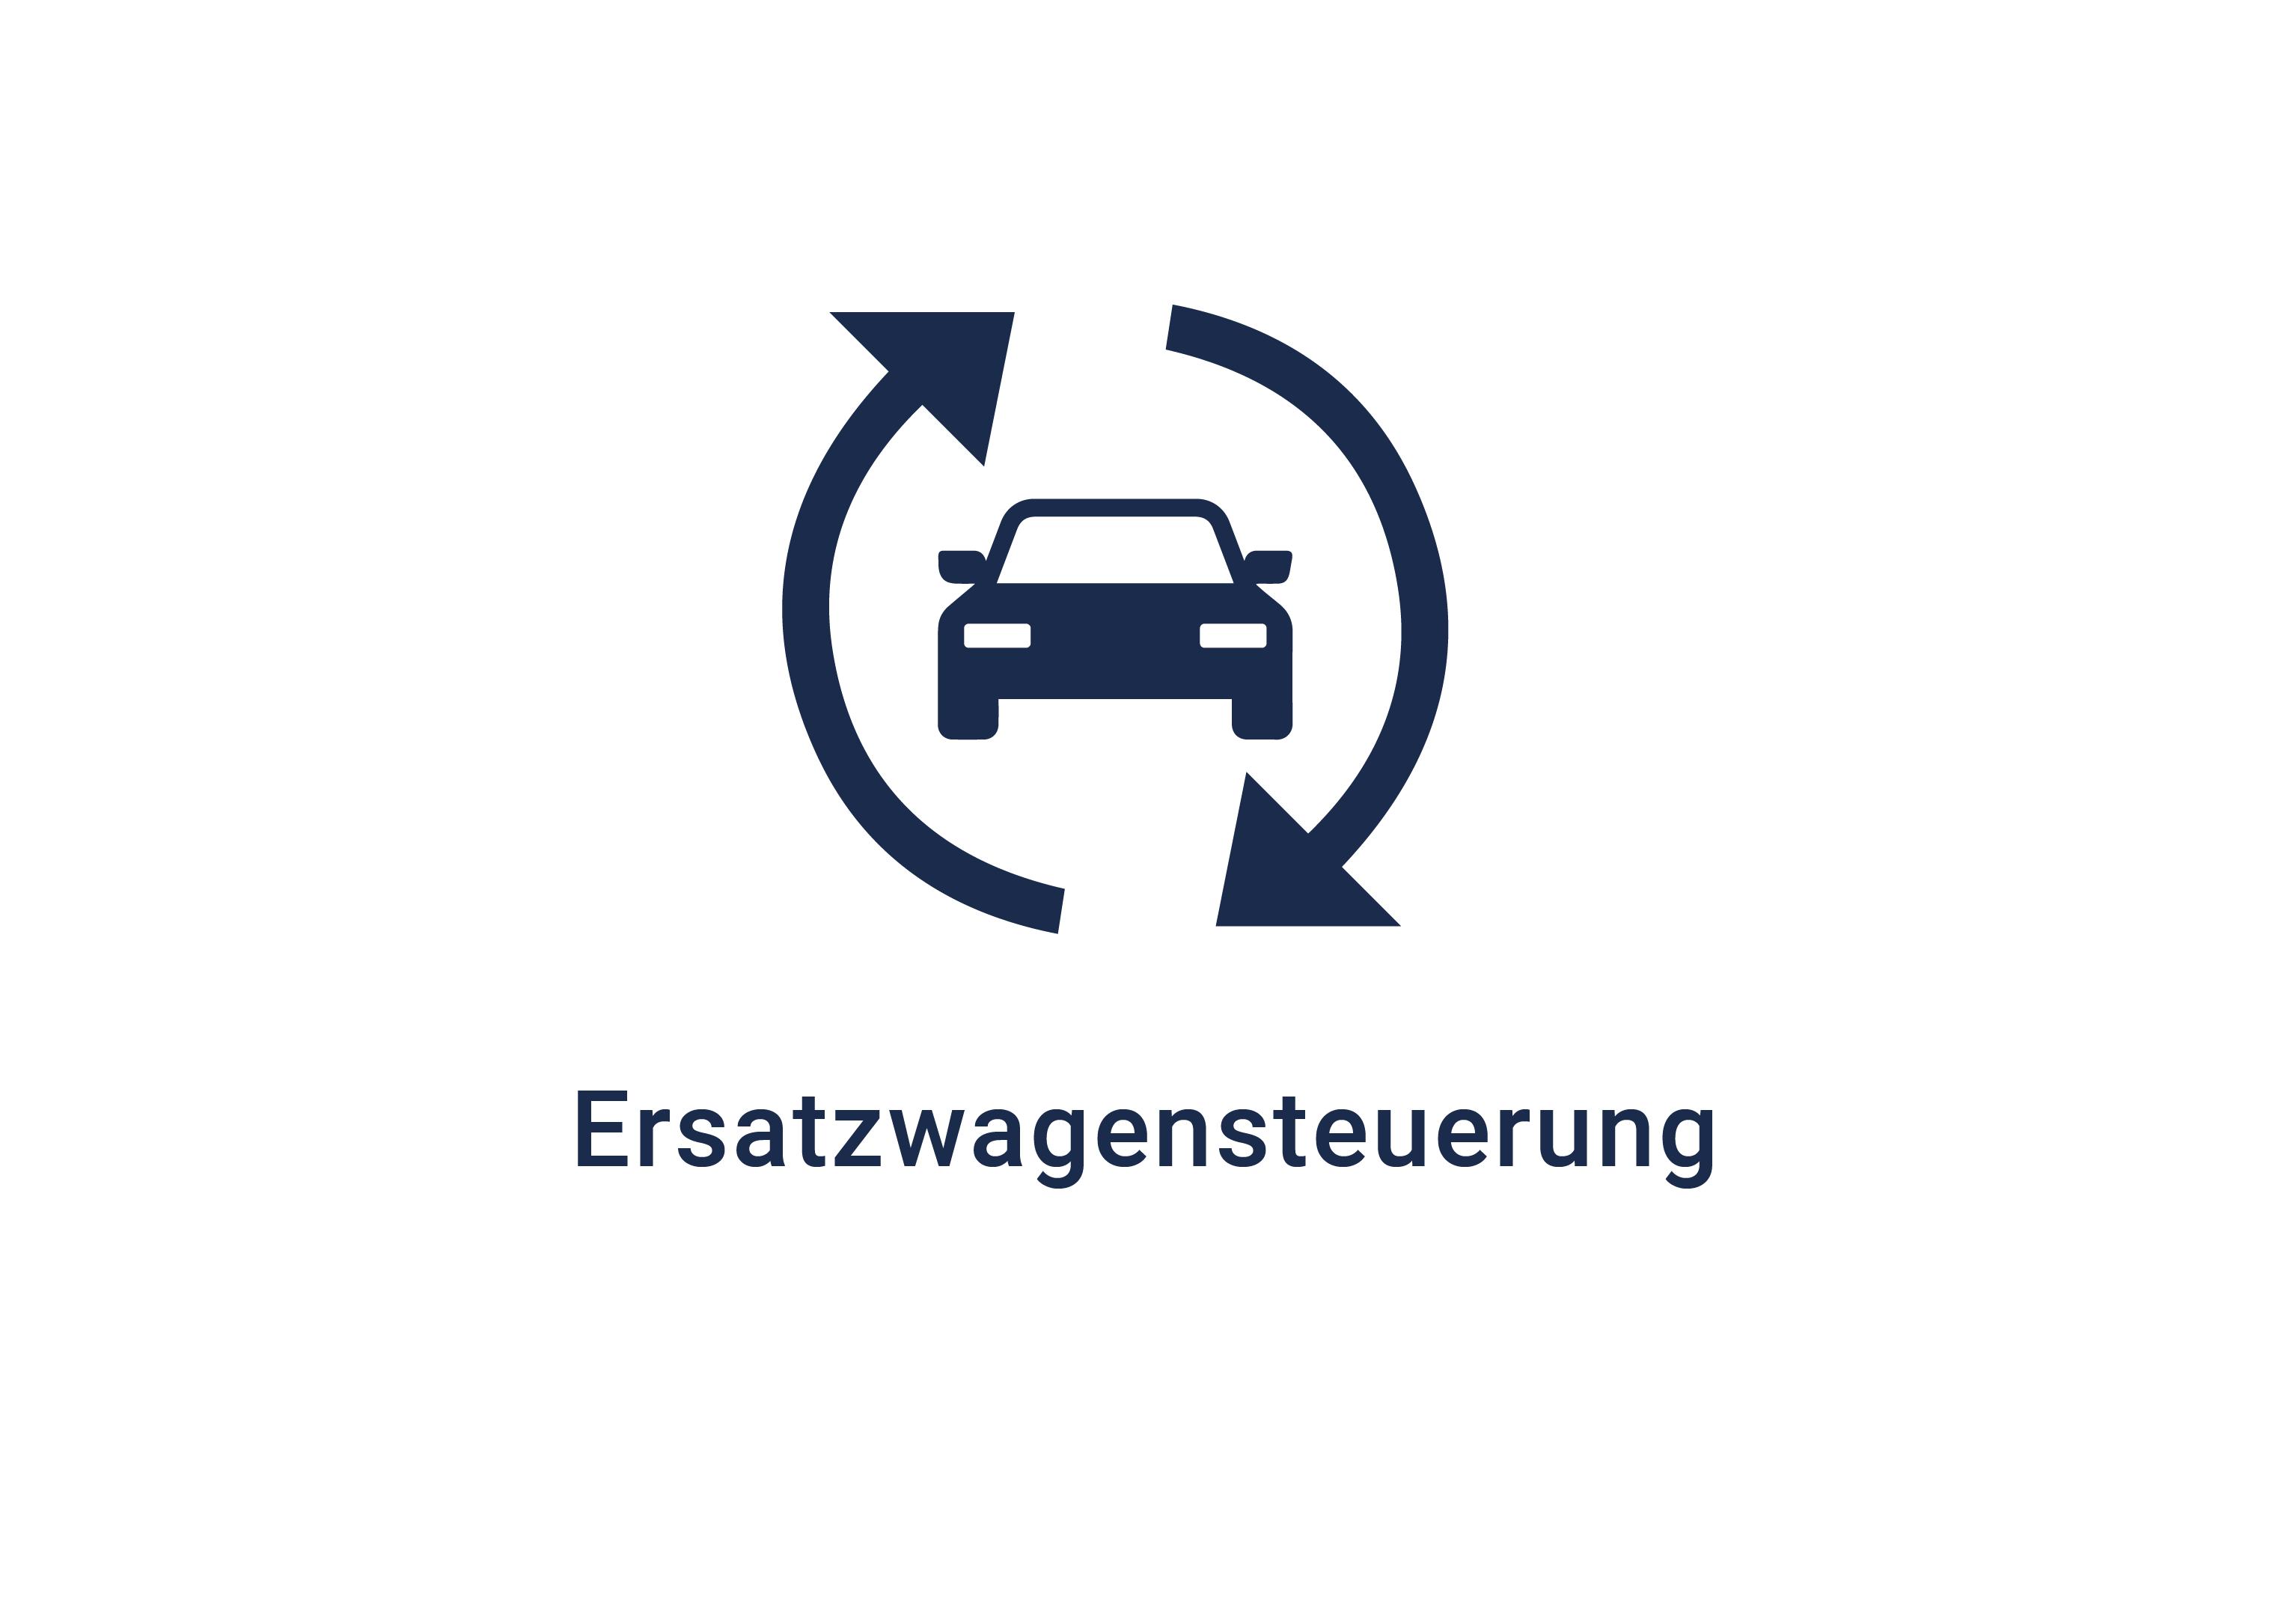 ersatzwagensteuerung_03